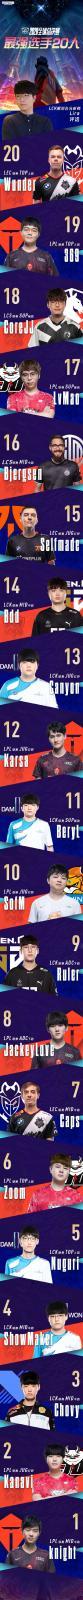 2020全球总决赛选手TOP20榜单出炉 左手被狂奶再登榜首